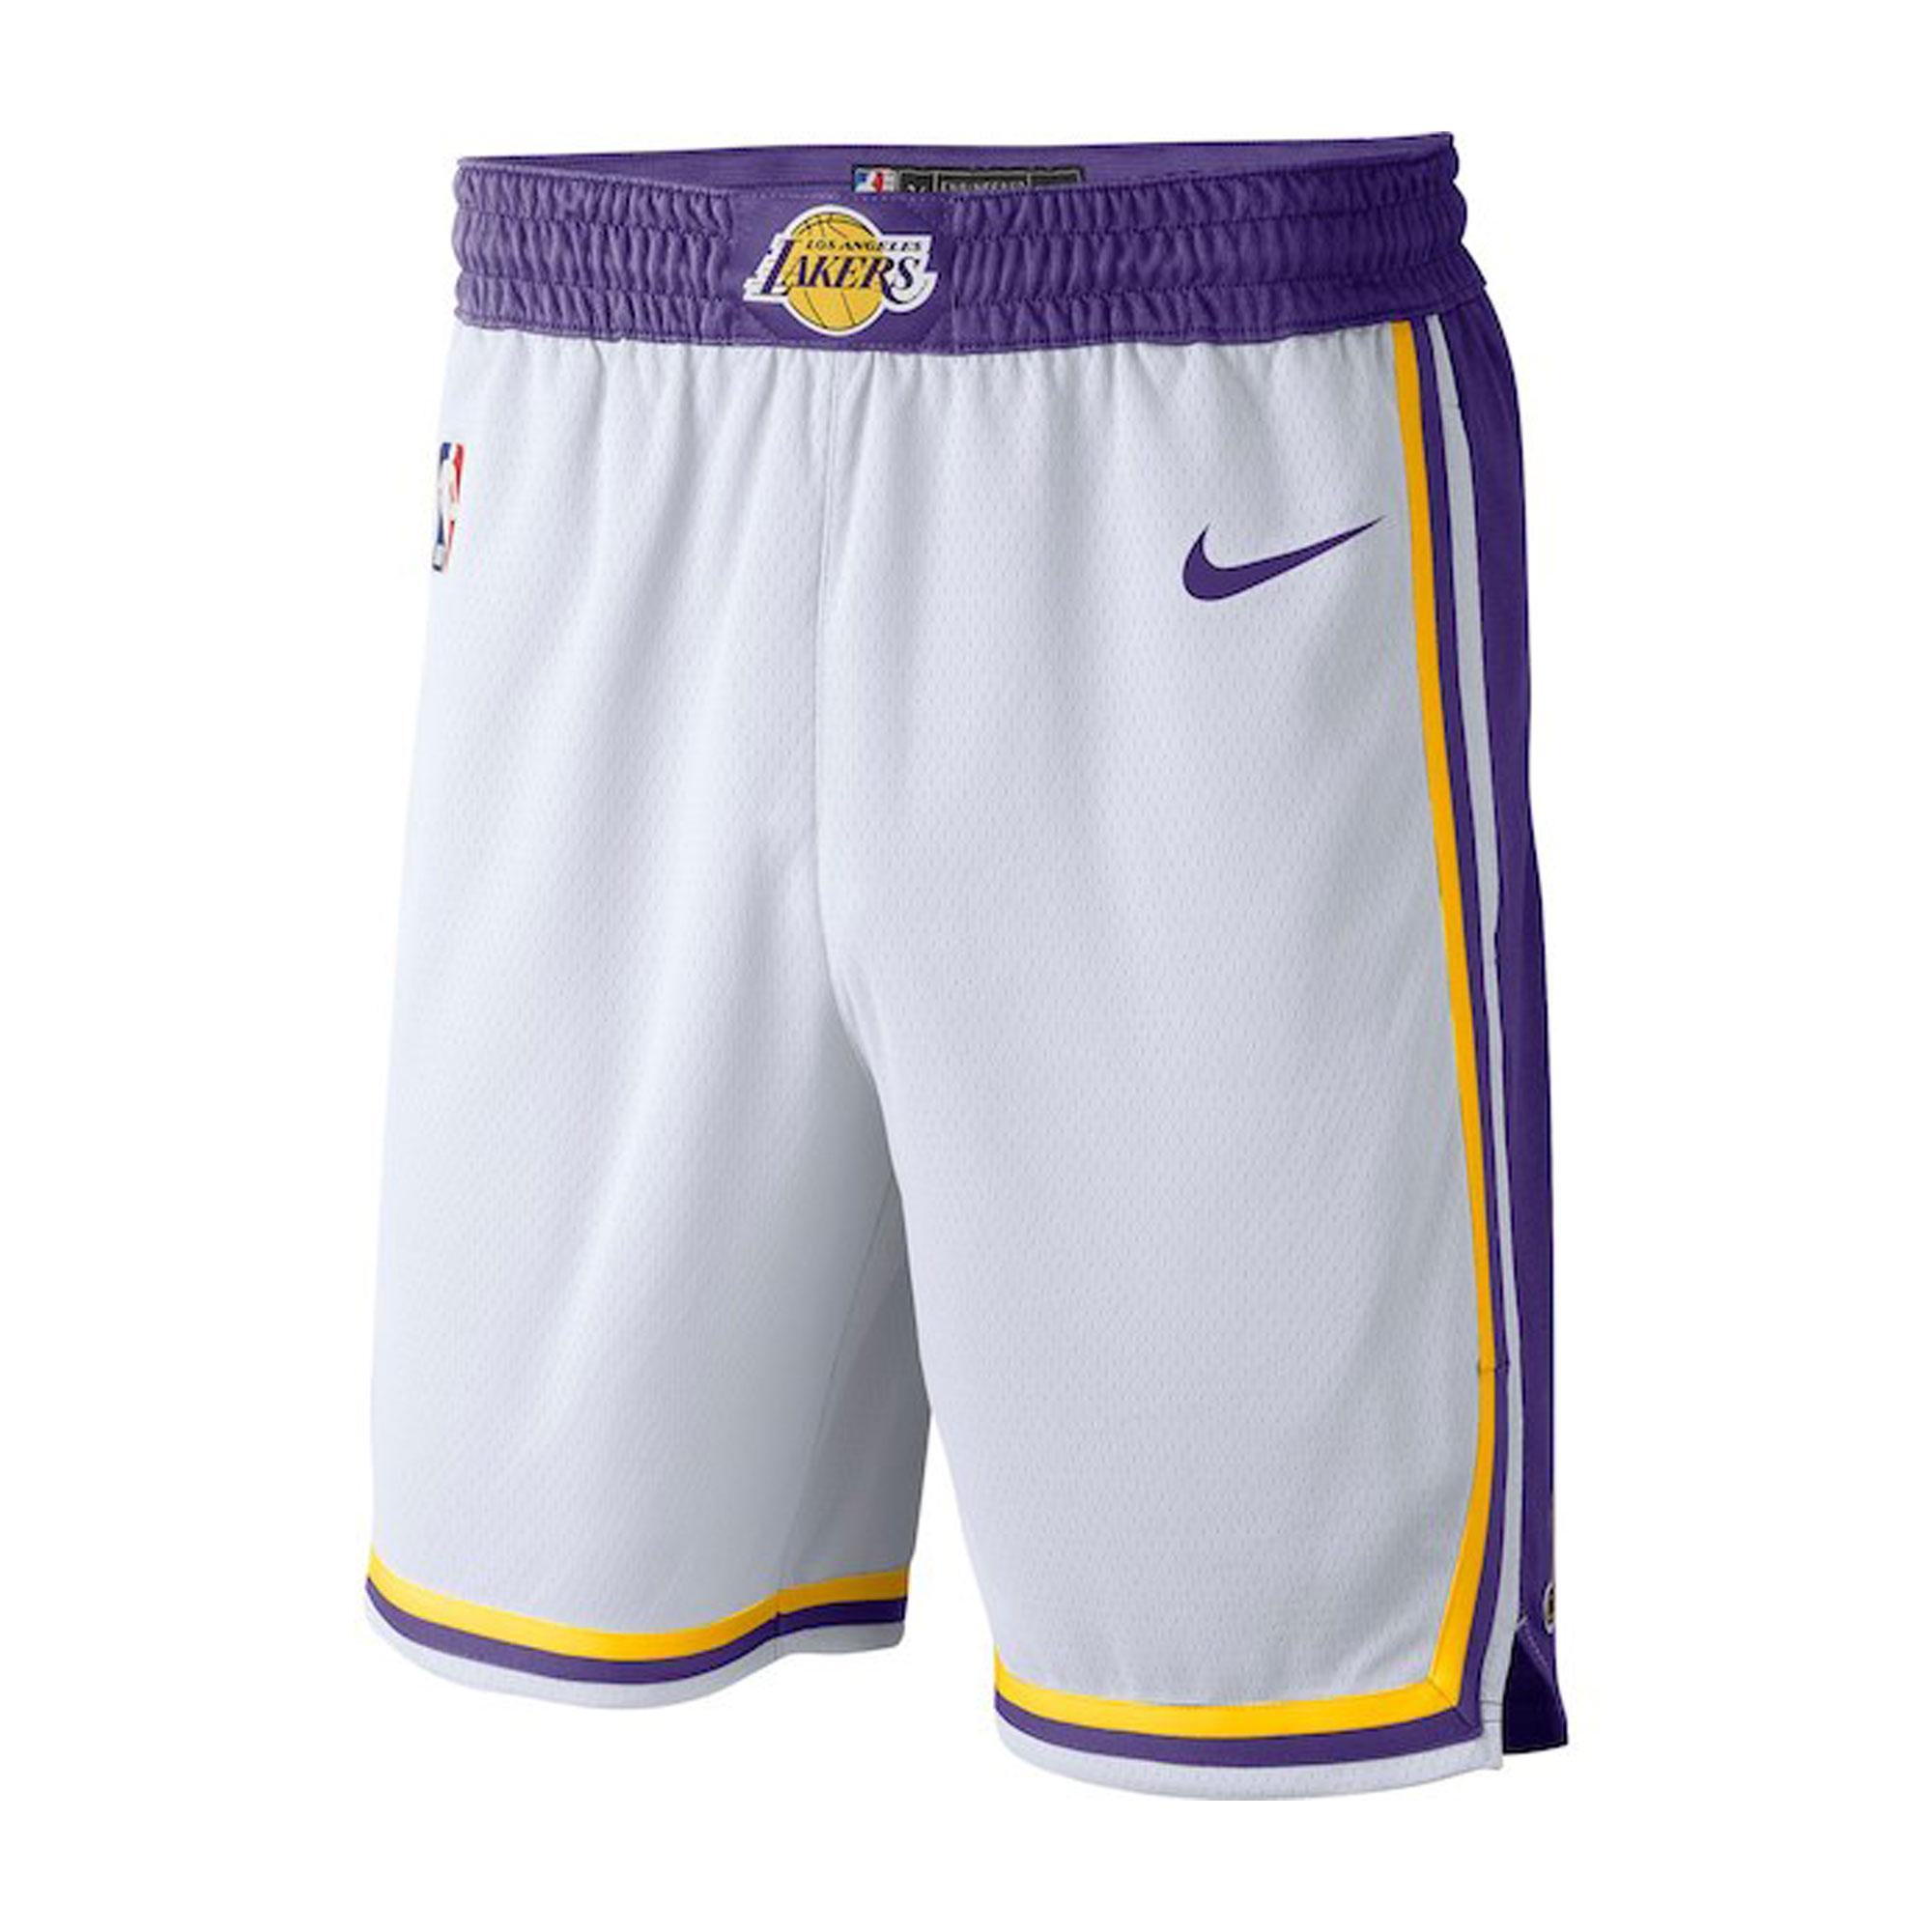 L.A. Lakers Short (SRT-WHT-LAKERS)